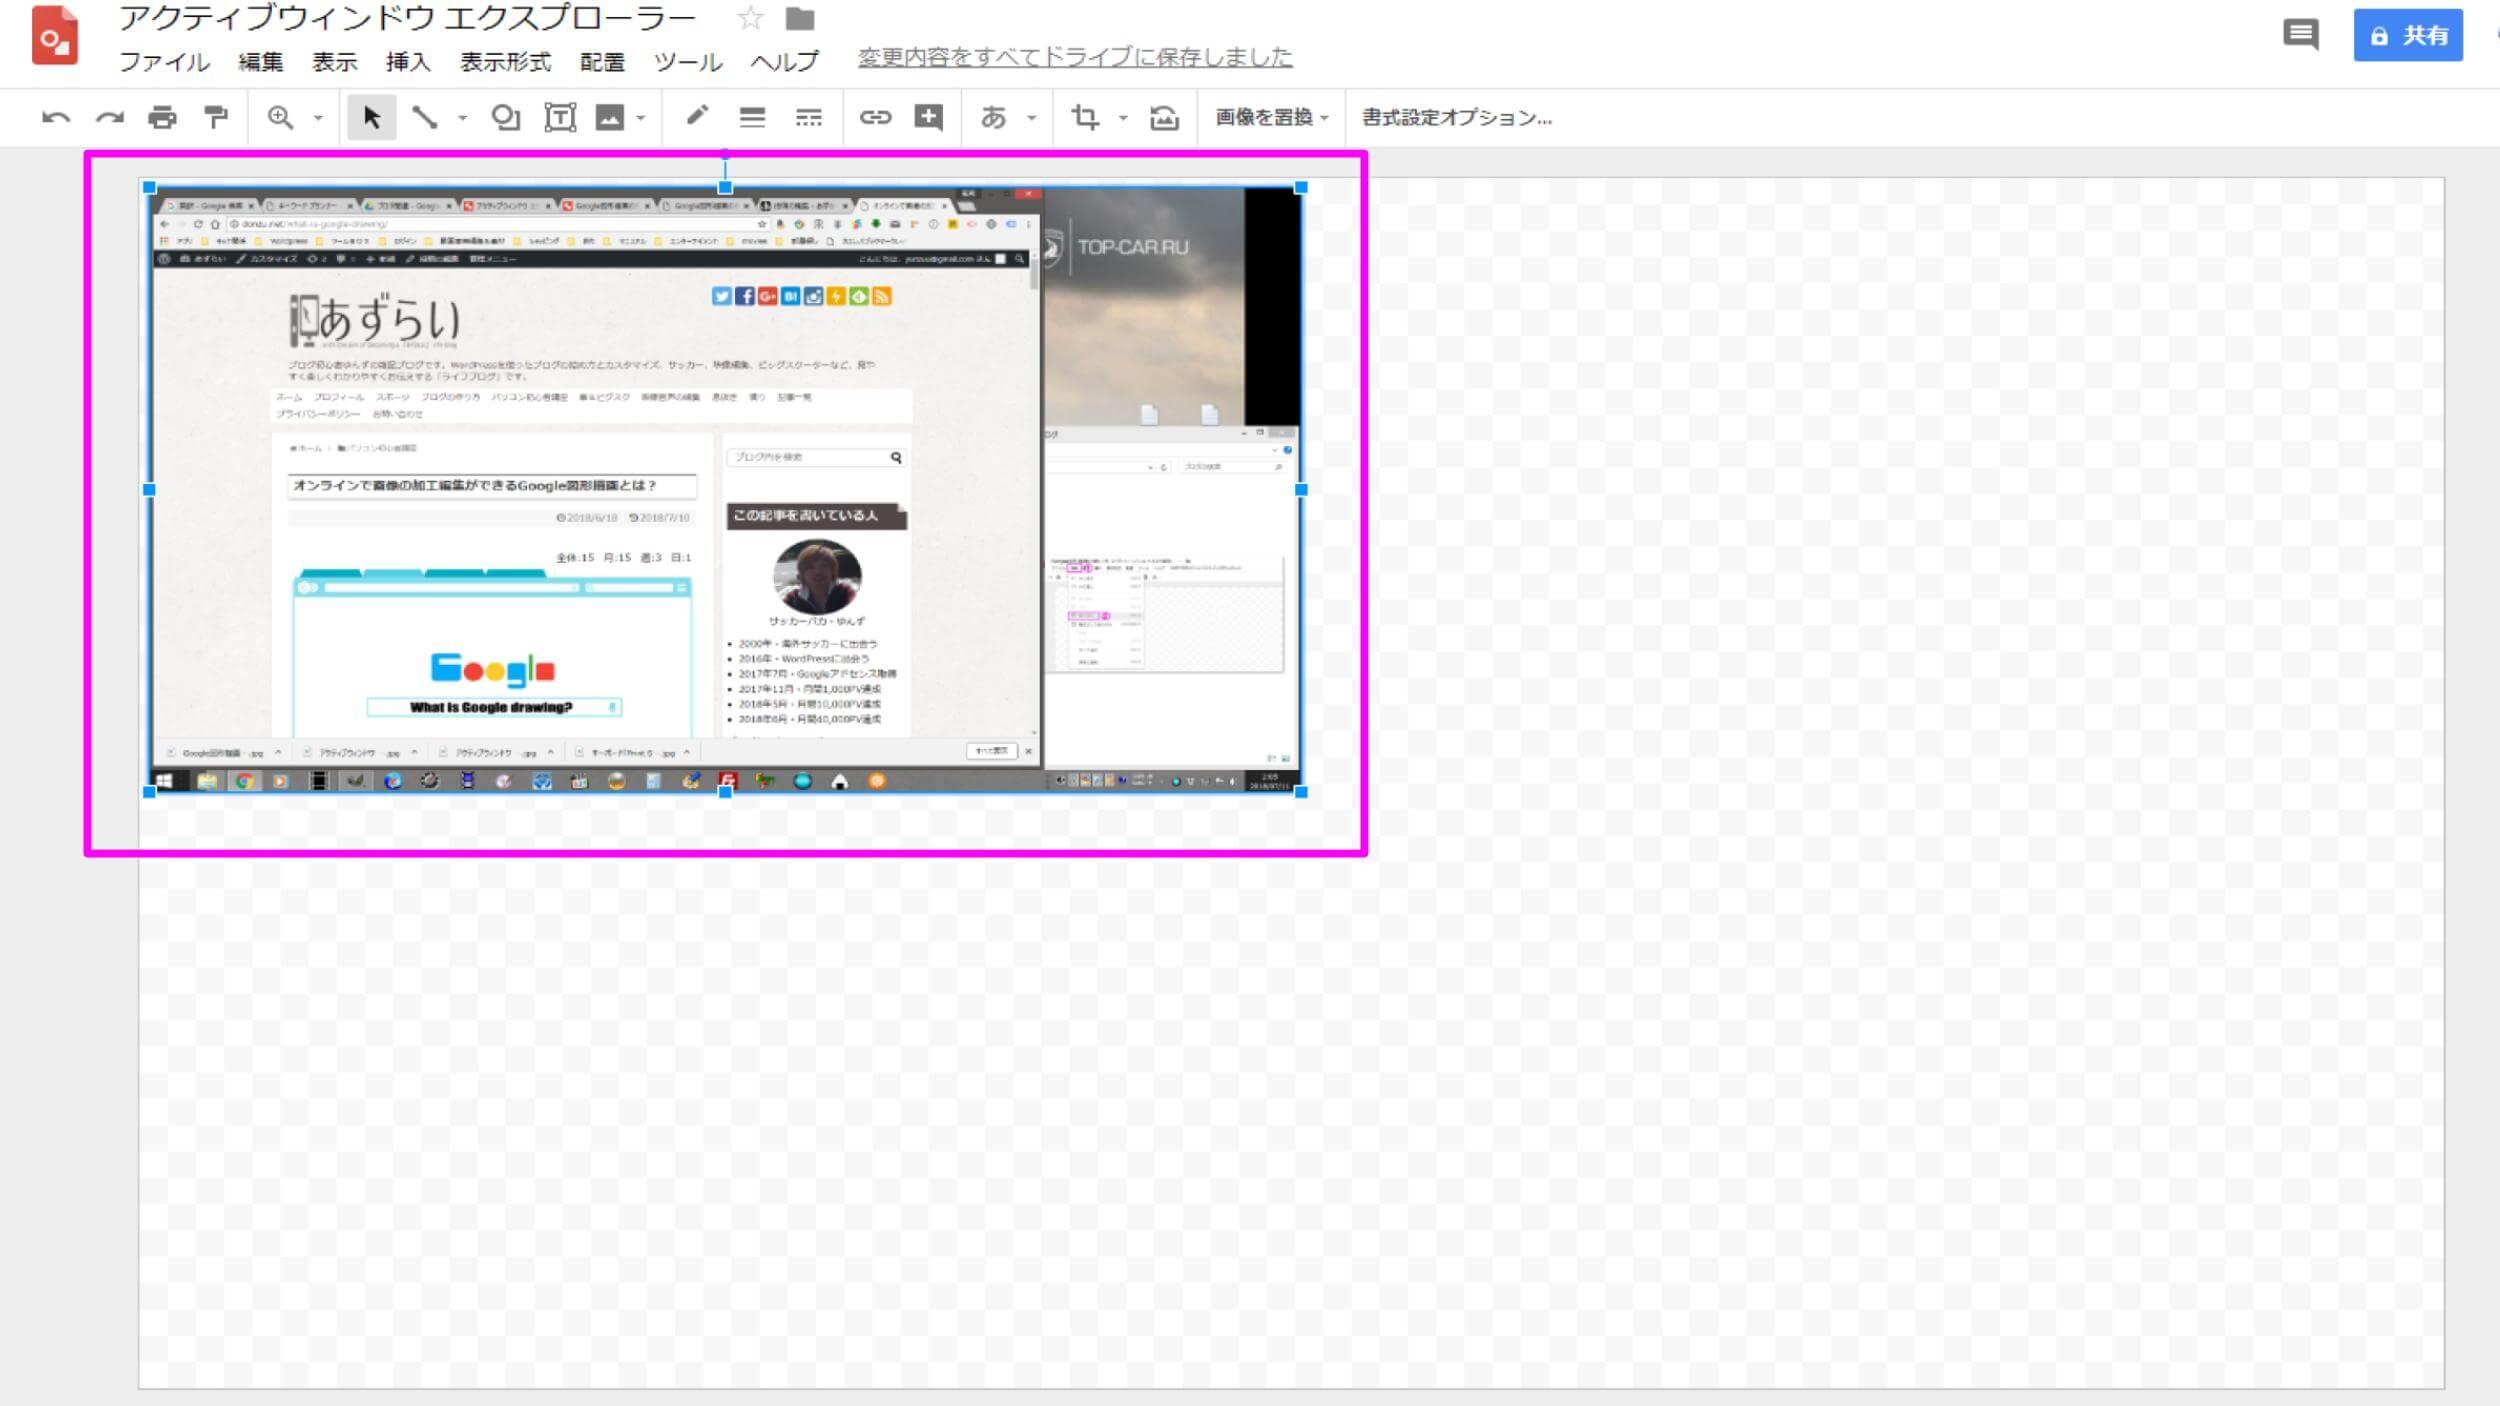 Google図形描画の使い方 スクリーンショットの貼り付け